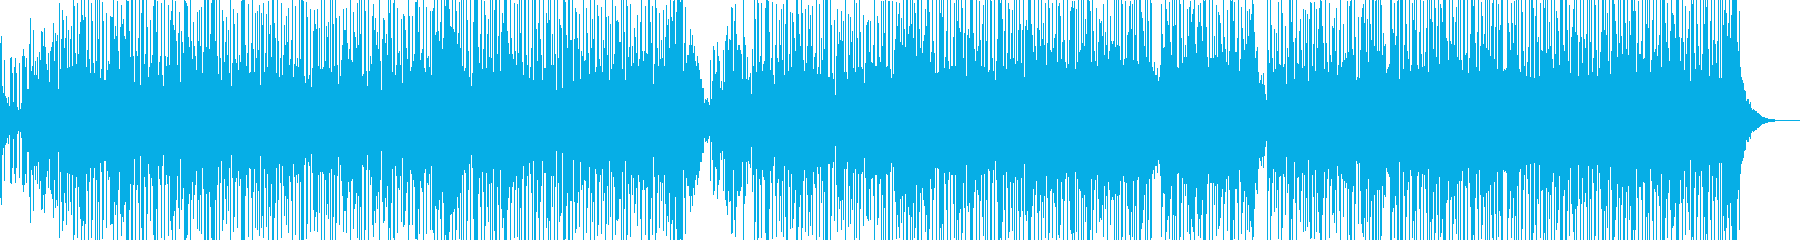 ヒップホップ風のR&Bファンクの再生済みの波形